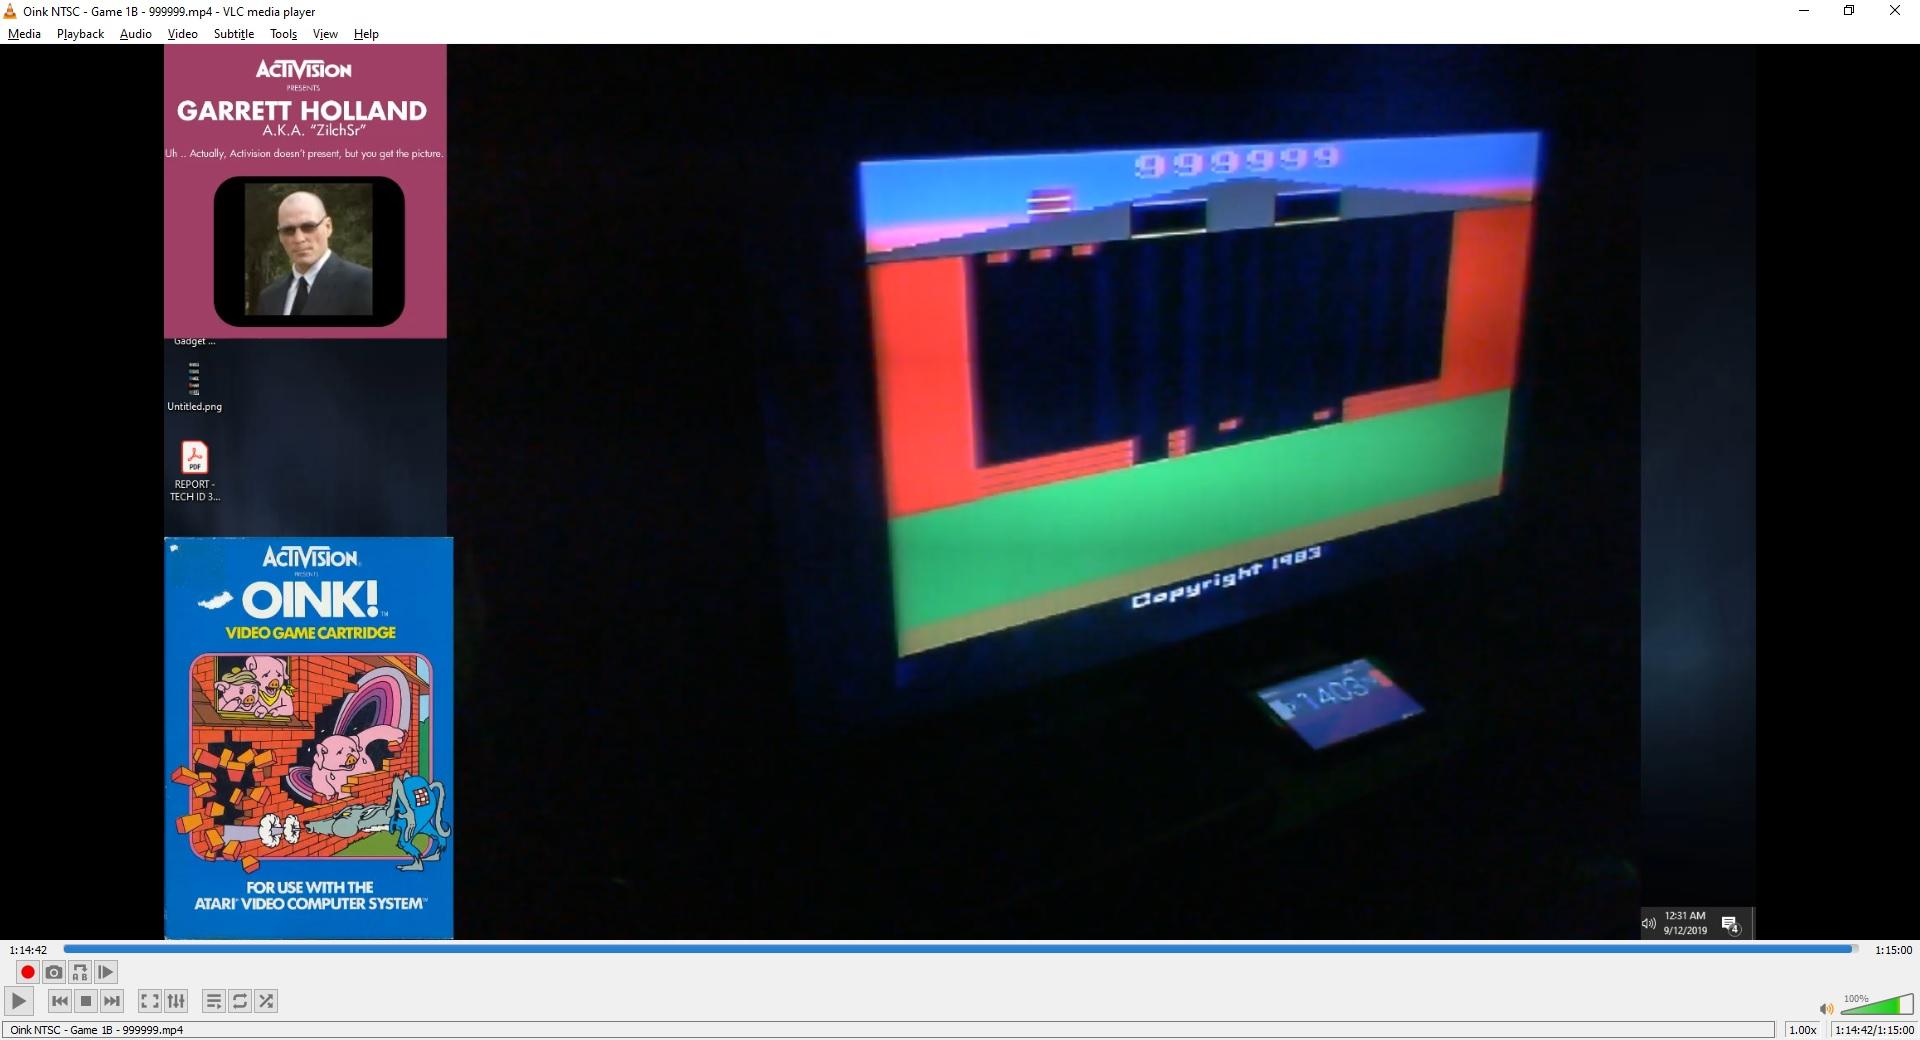 ZilchSr: Oink! (Atari 2600 Novice/B) 999,999 points on 2019-09-29 16:54:17